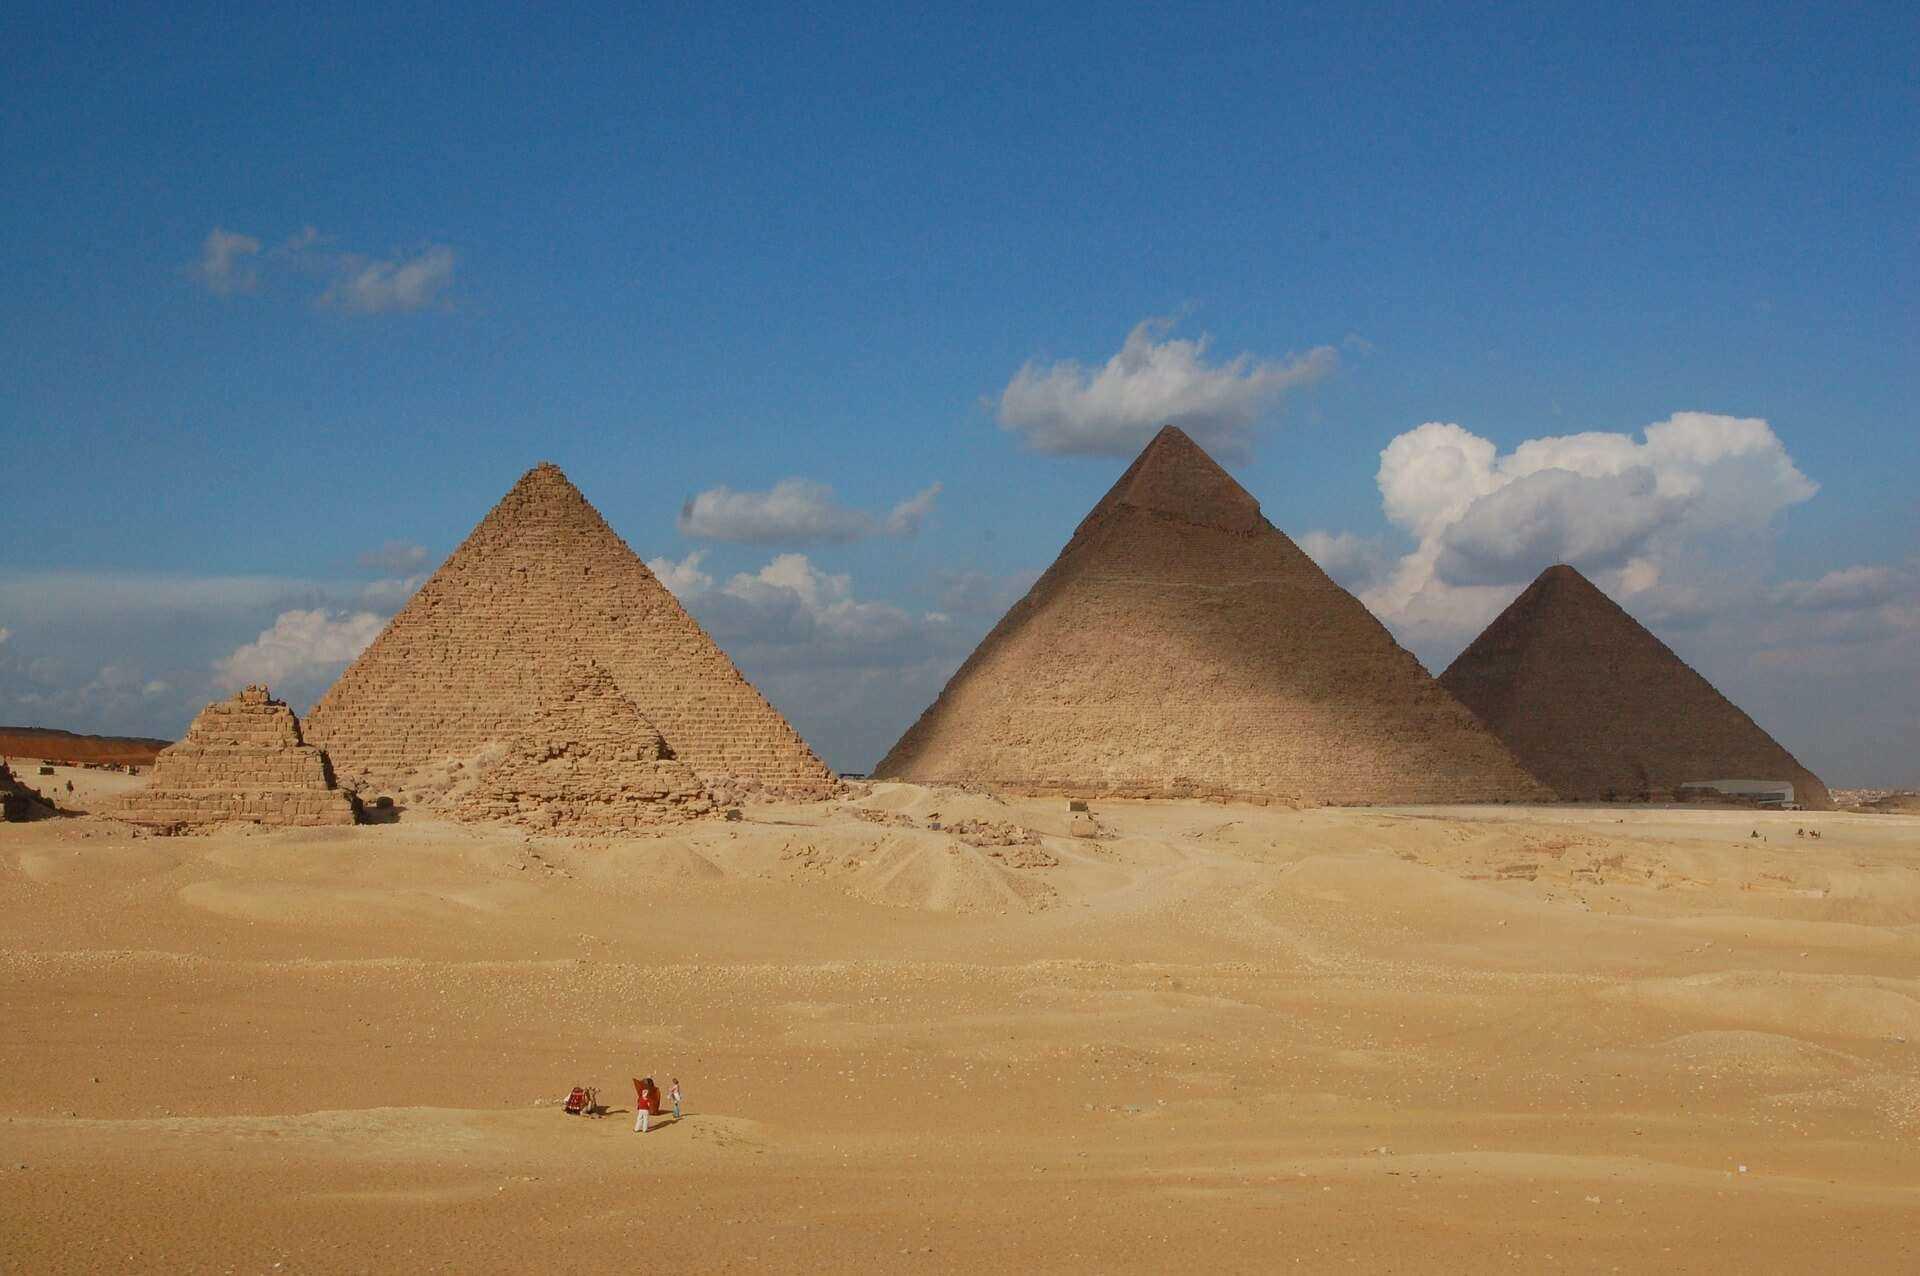 Direktflüge und Billigflüge nach Kairo